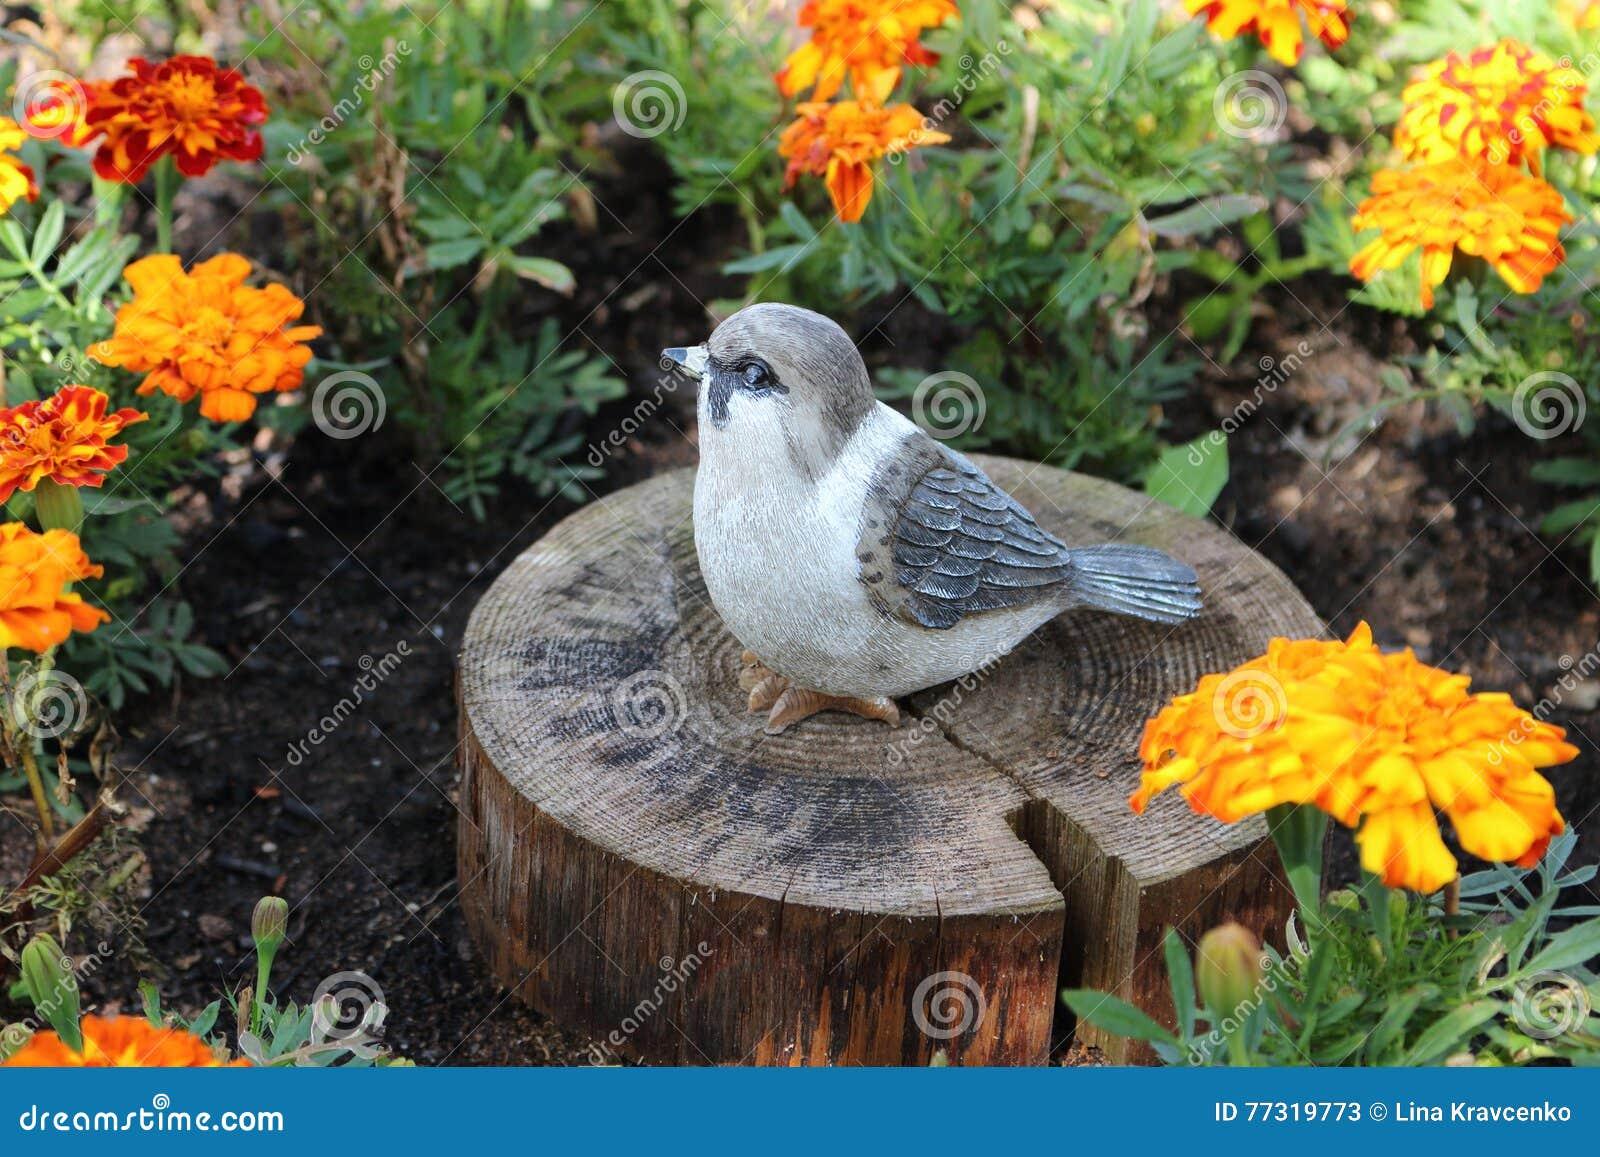 L 39 oiseau une d coration dans le jardin d 39 une maison de campagne image stock image du vert for Blog deco maison jardin campagne